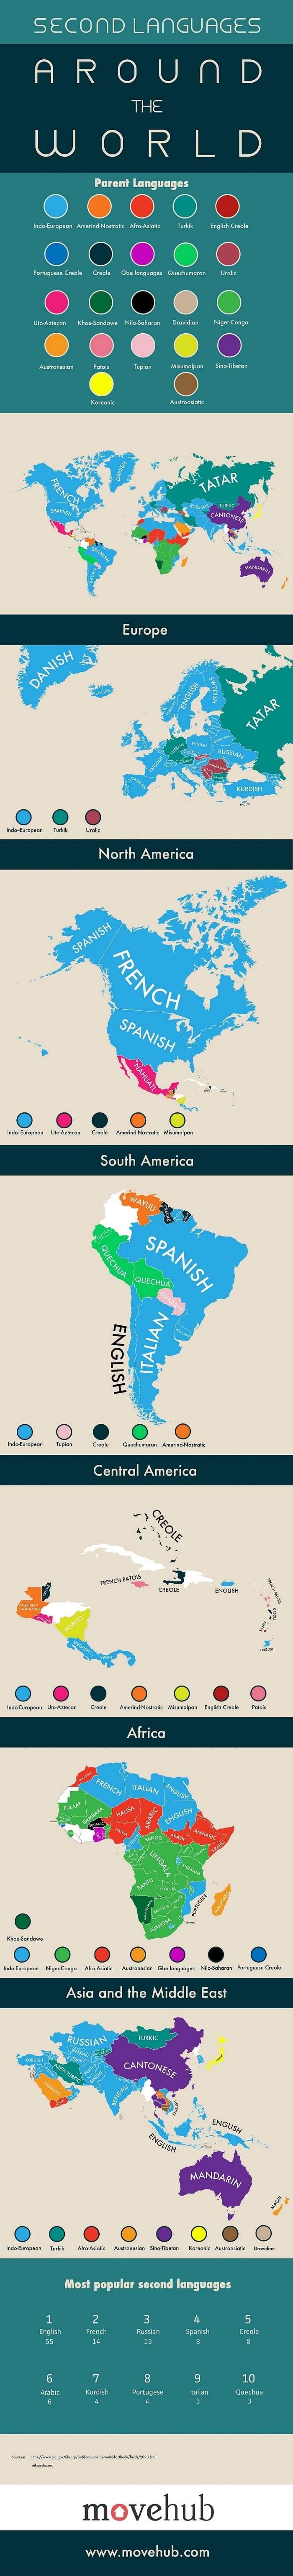 Carte des secondes langues les plus populaires dans chaque pays du monde